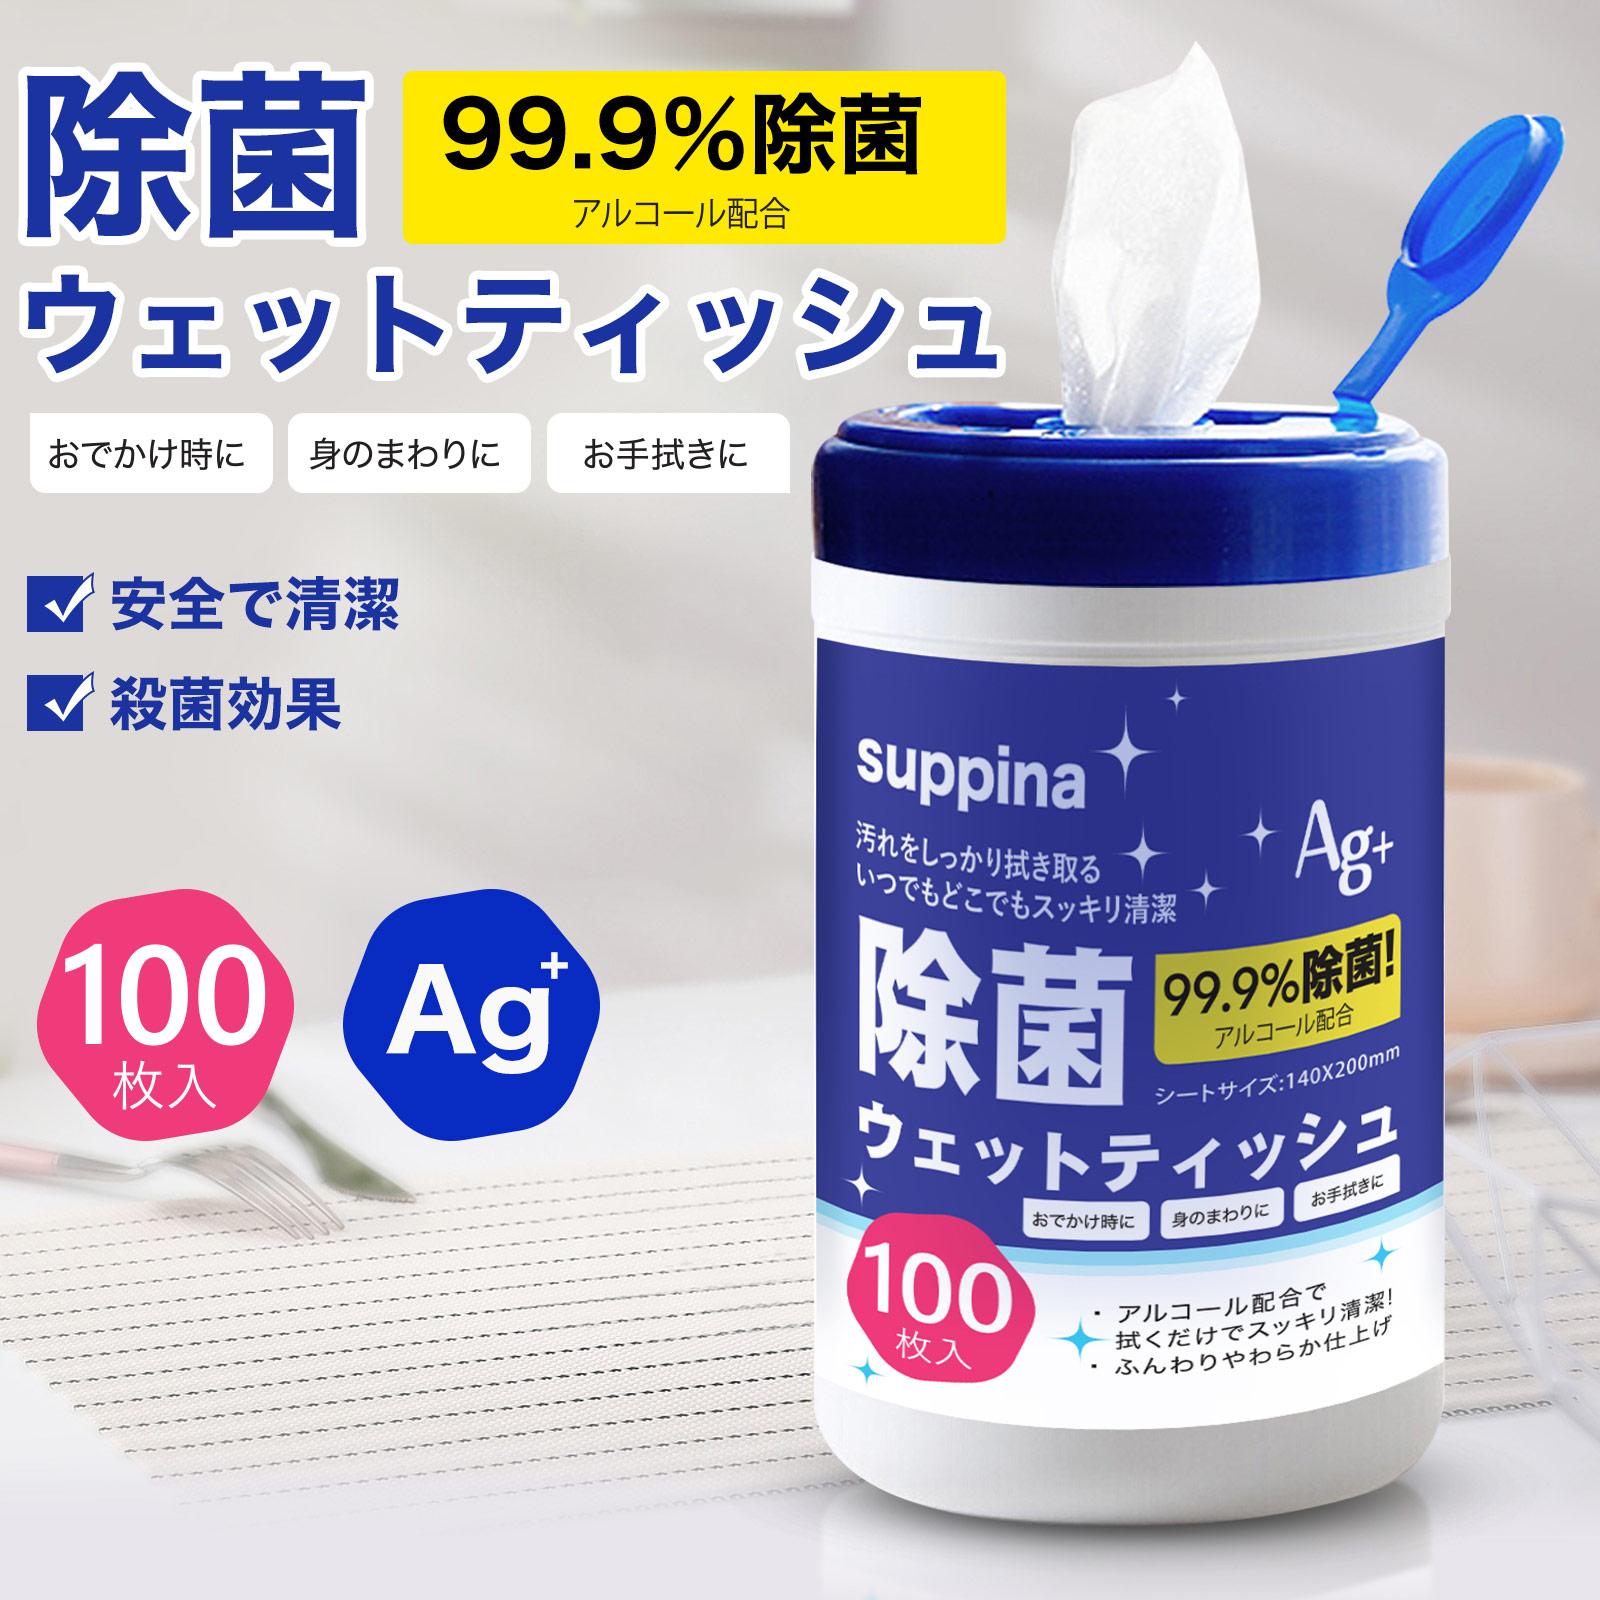 ★日本在庫あり 即納★除菌ウェットティッシュ アルコール配合 99.9%除菌シート 100枚入り  大容量100枚